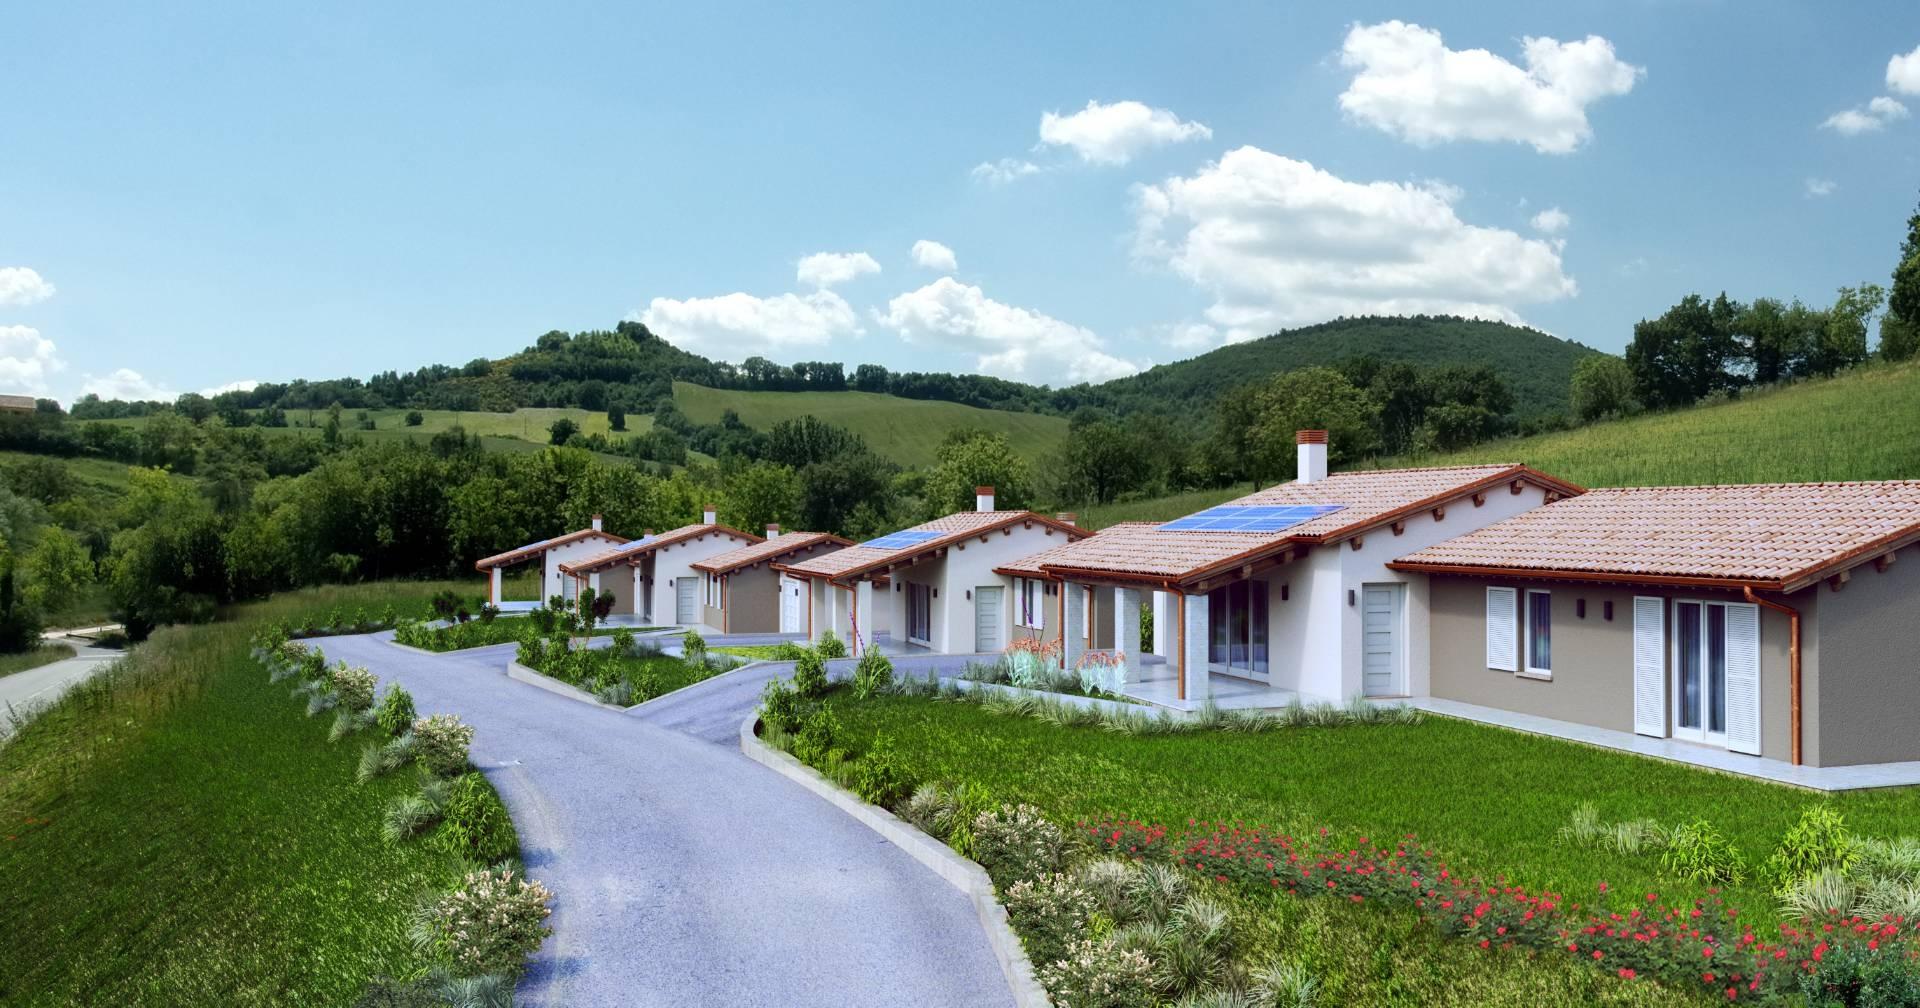 Villa in vendita a fabriano cod b67 - Progetto casa fossato di vico ...